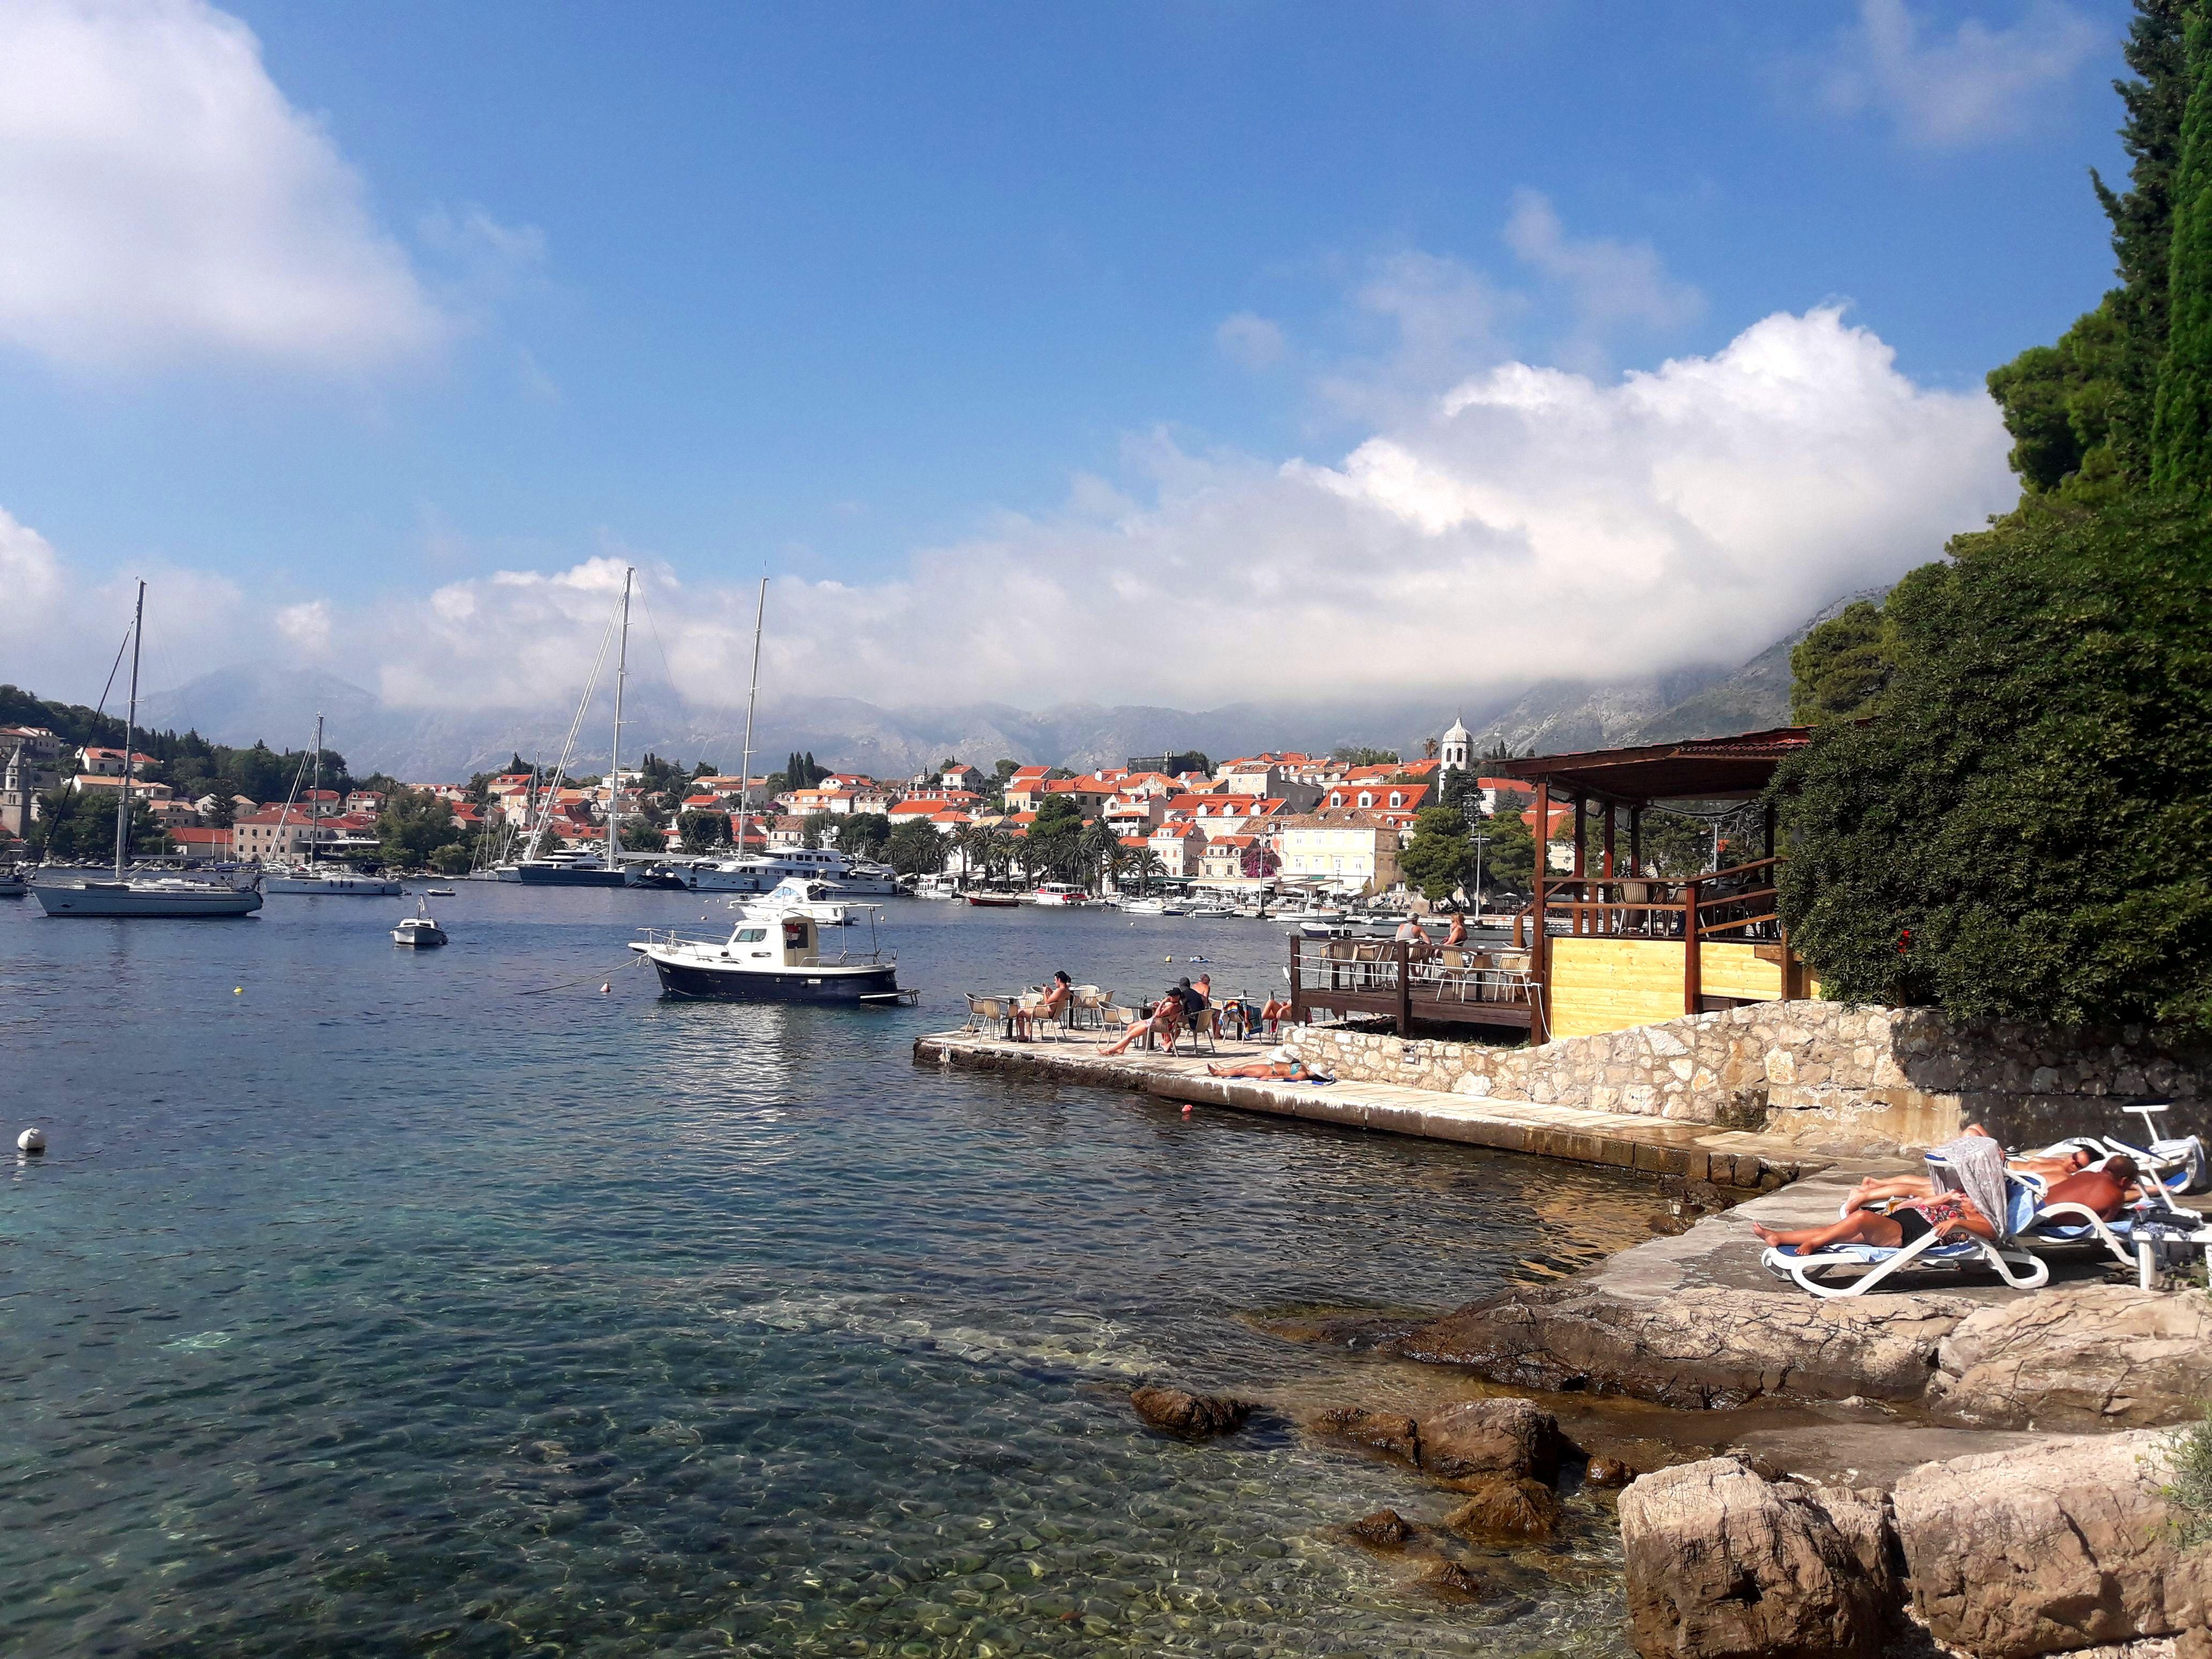 Plajă din Cavtat, Croația